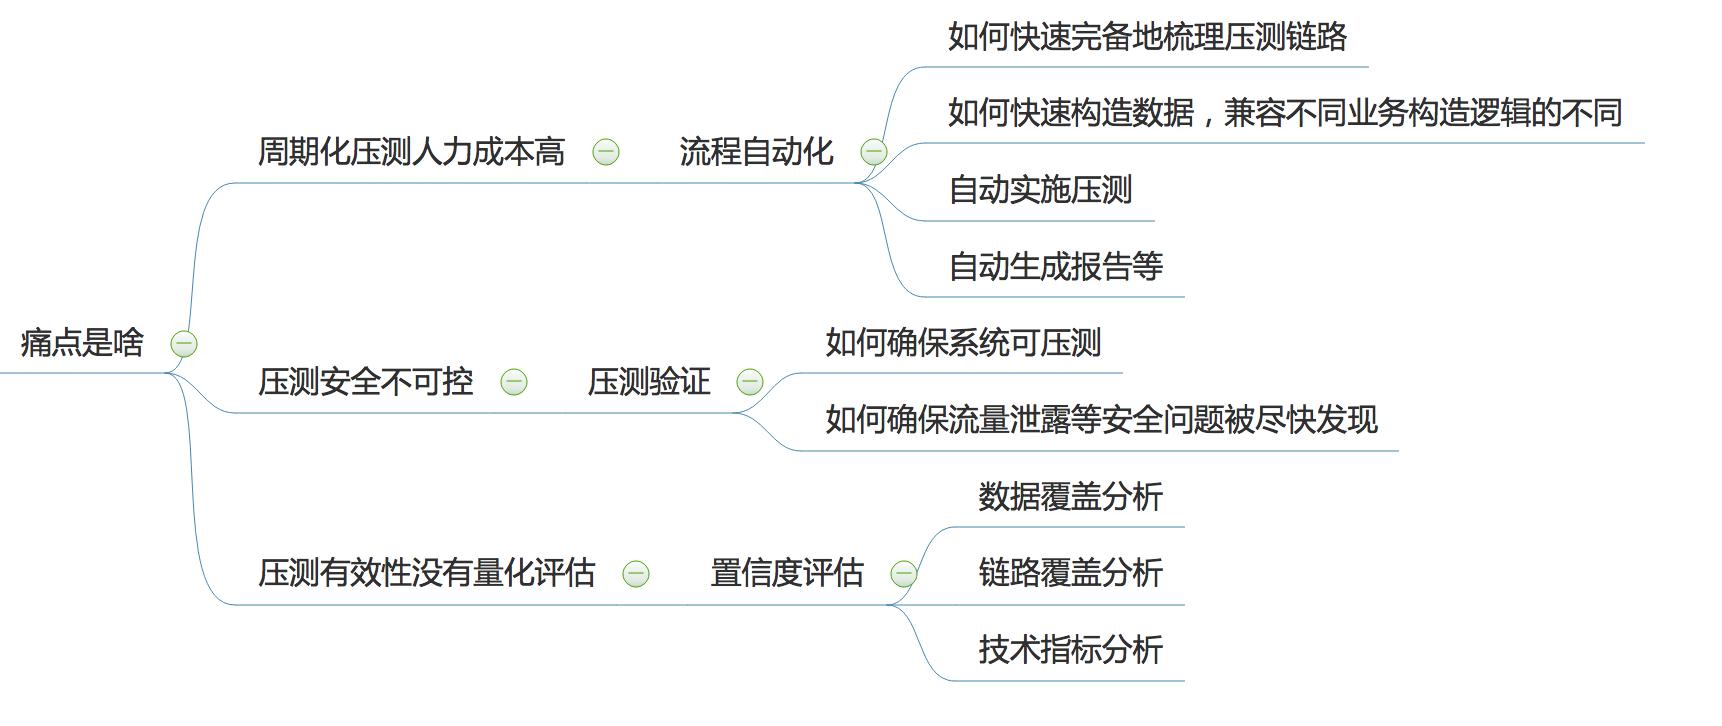 图2 问题分析